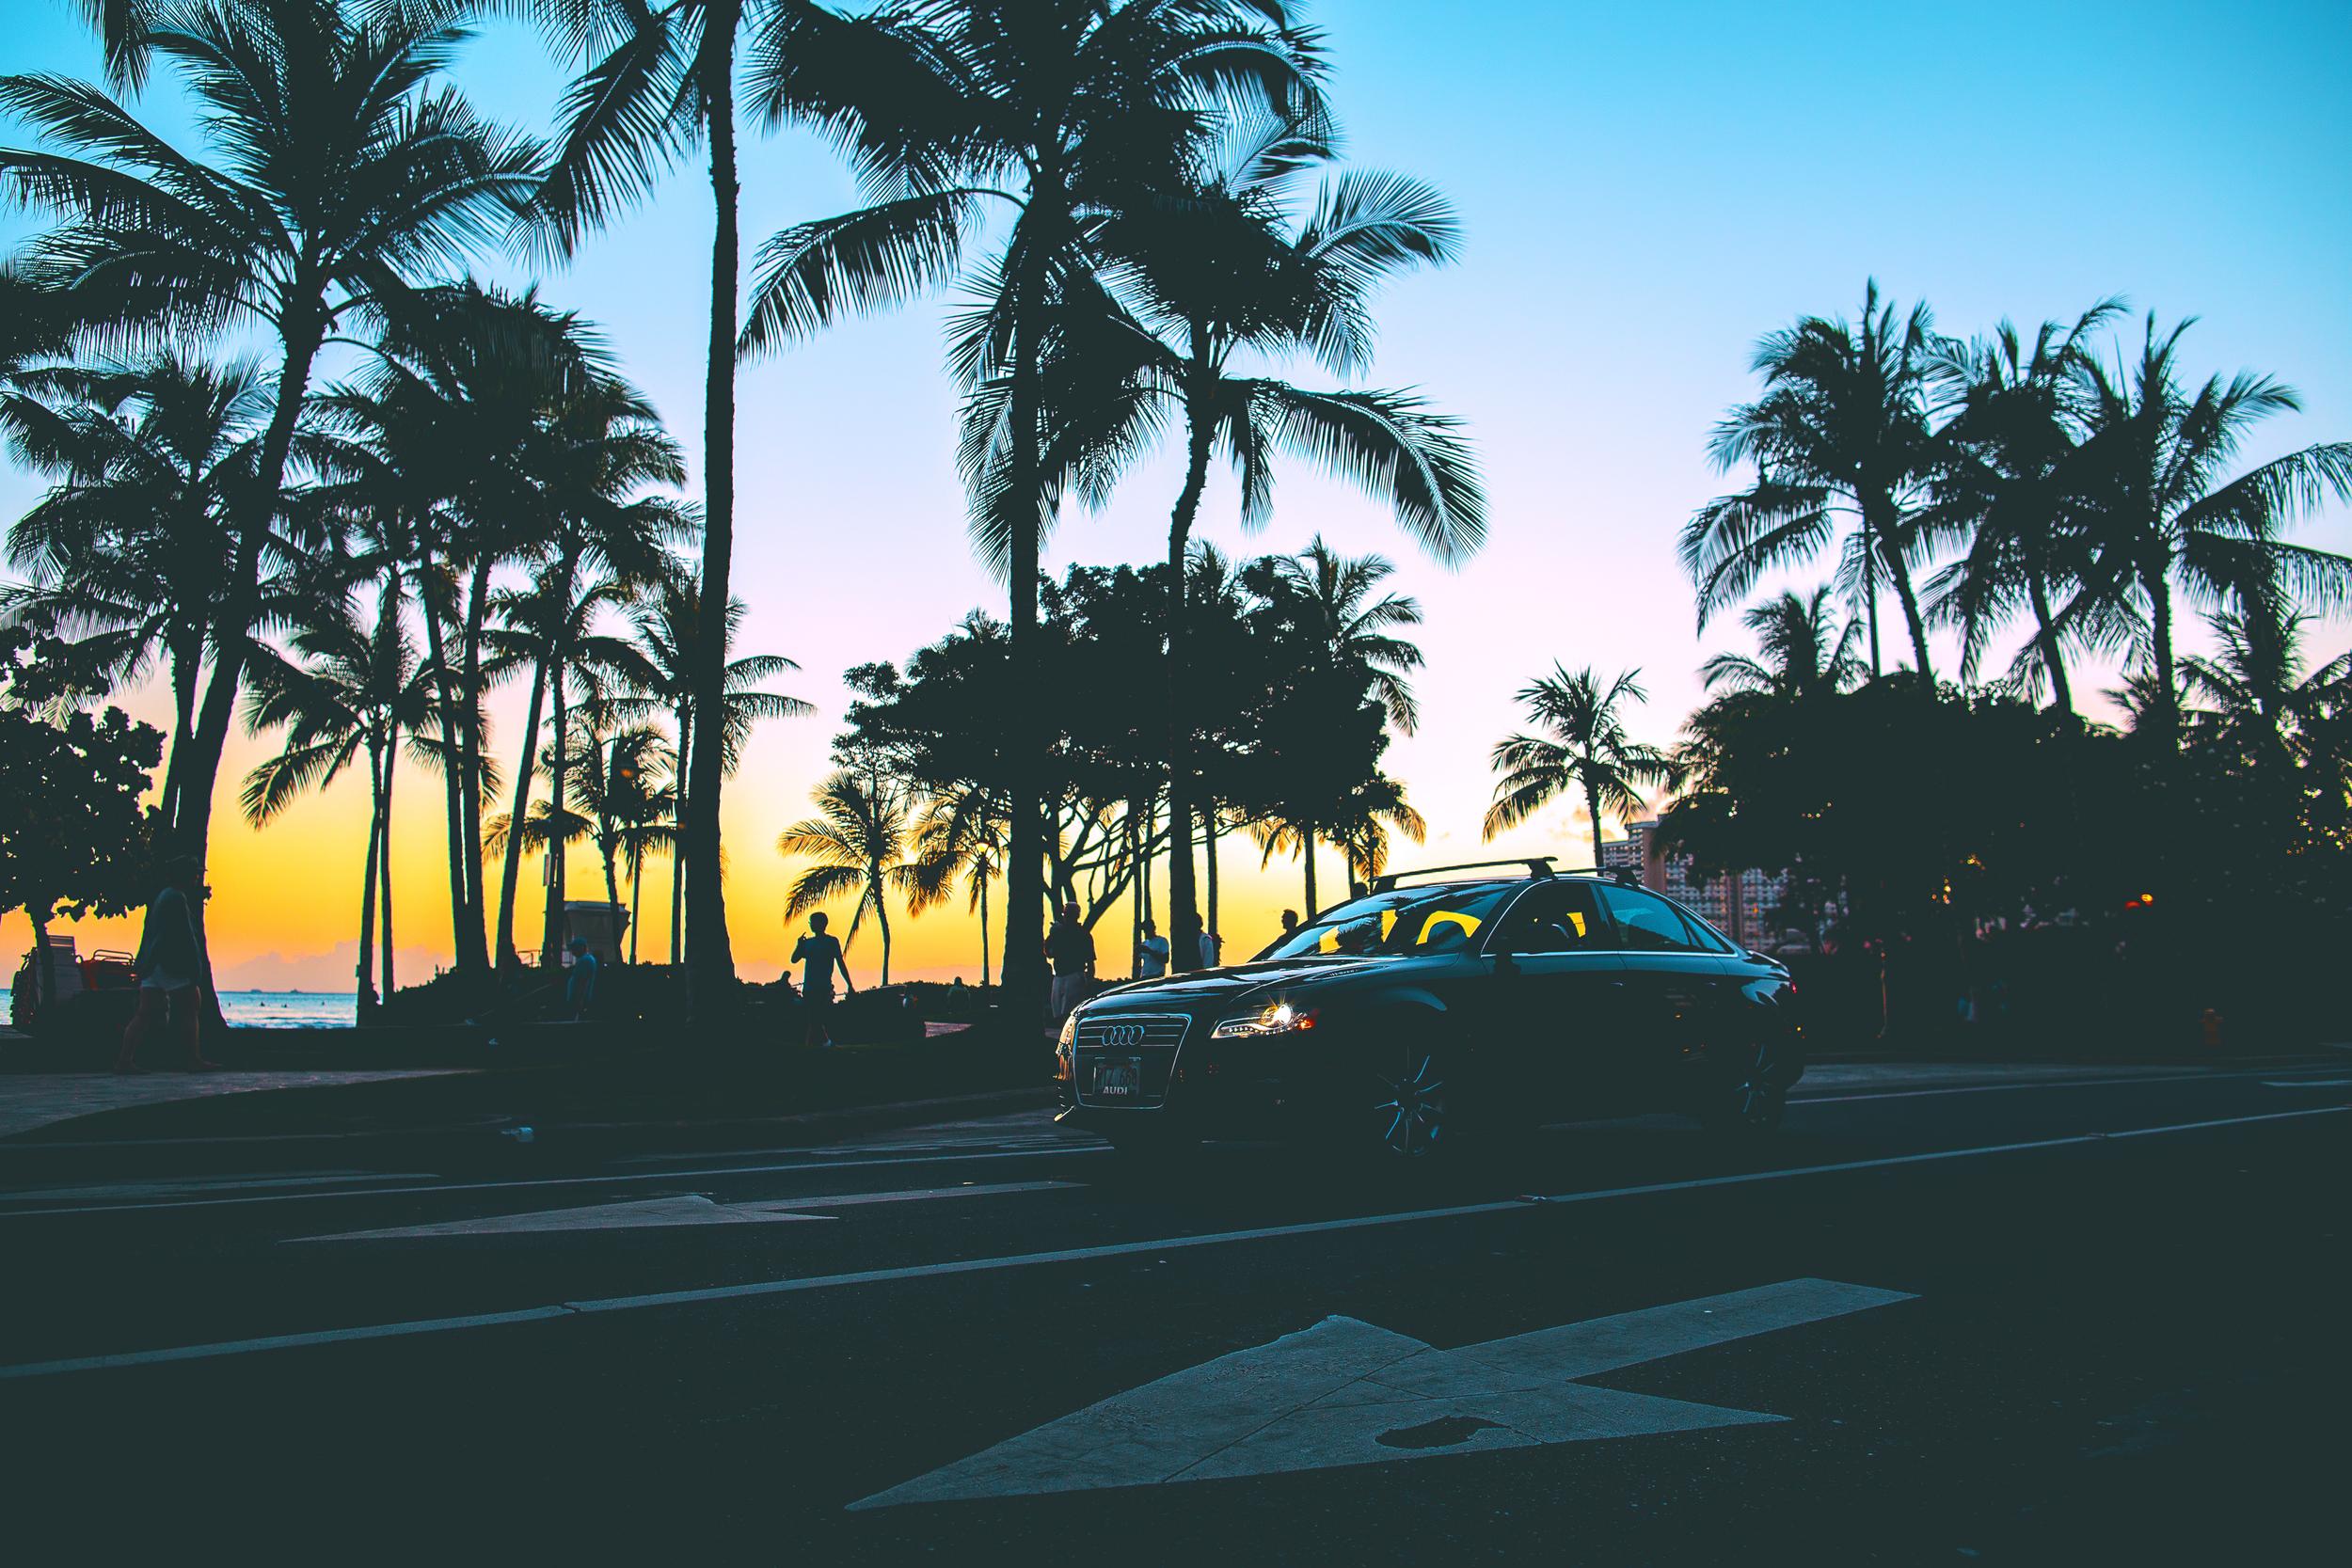 JLRoyal_Waikiki_KalakauaAveSunset2.jpg